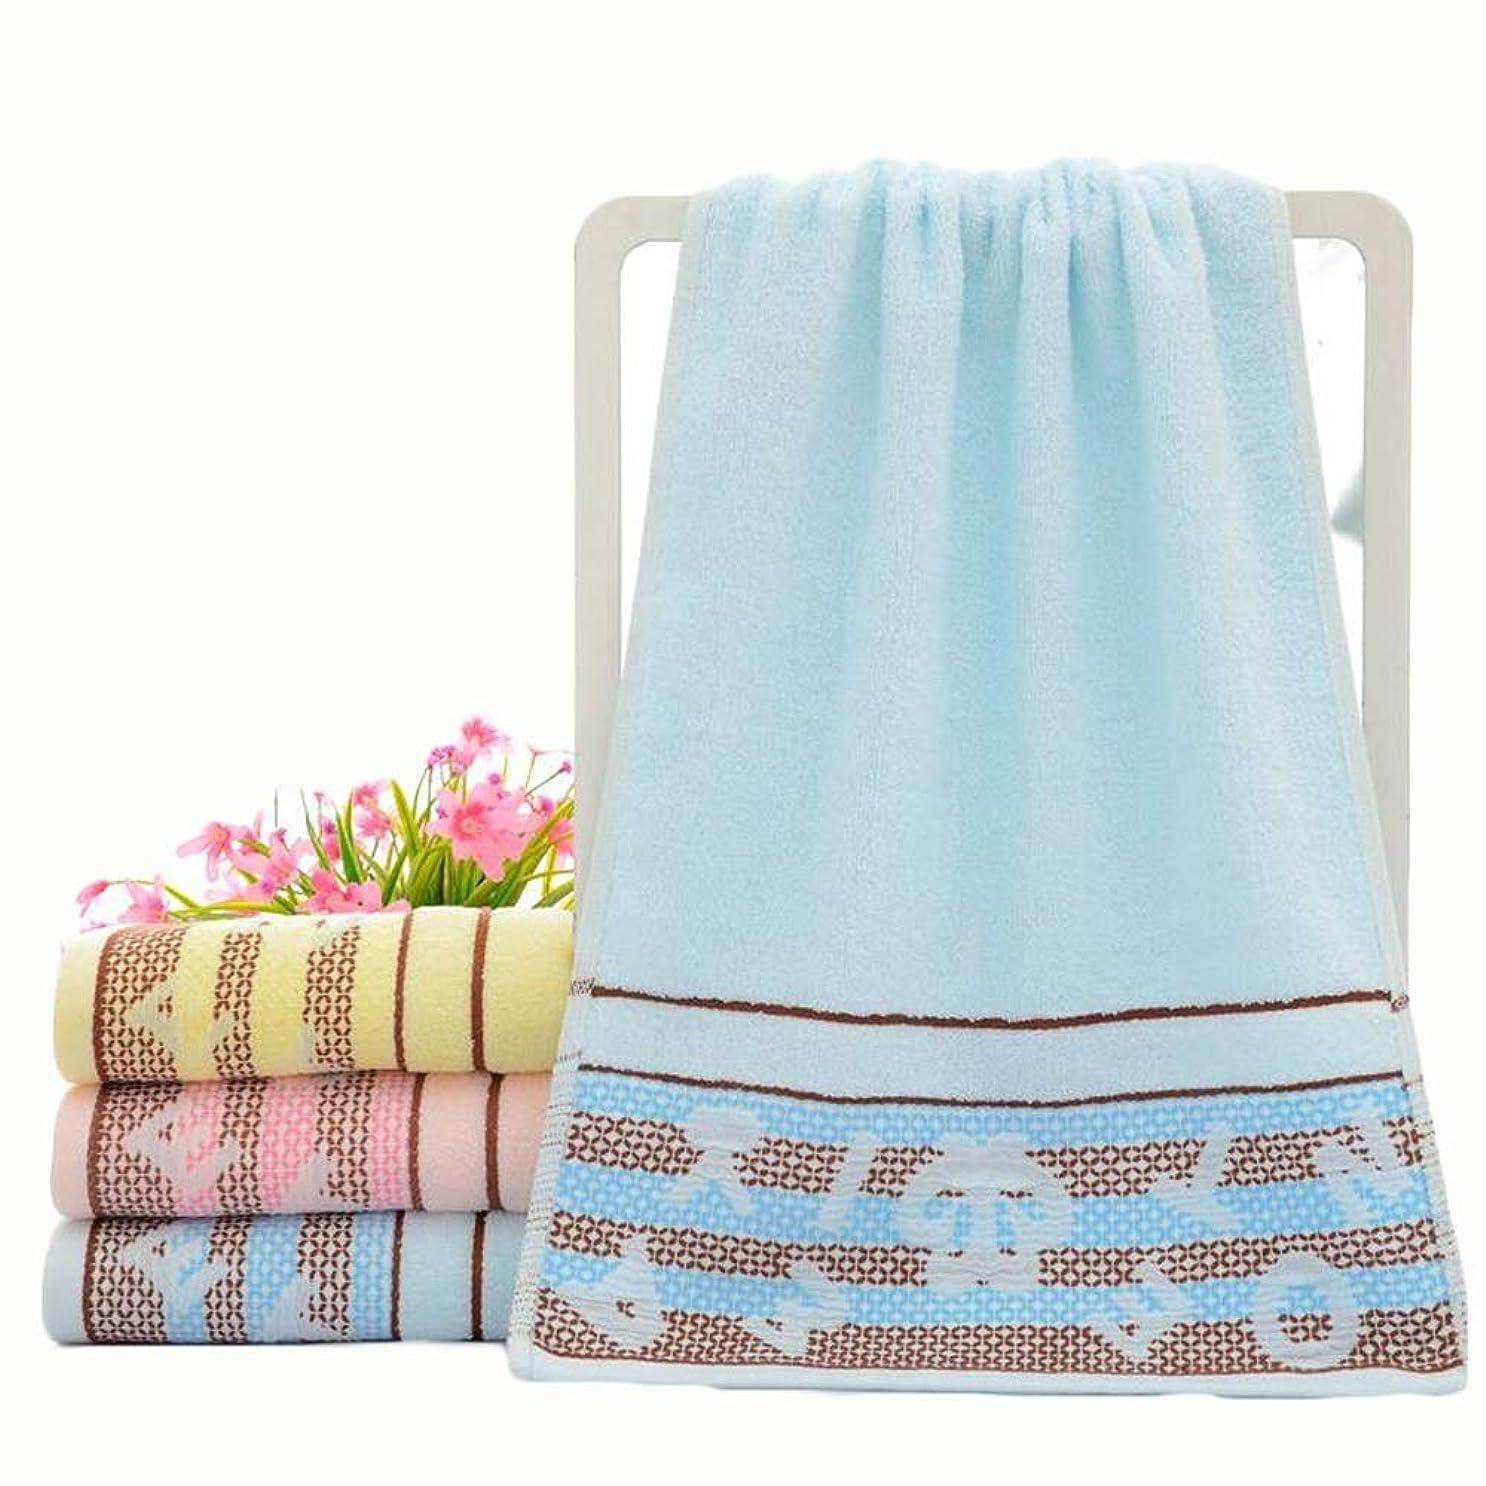 息切れ前兆ラオス人CXUNKK 2PCS / LOT家庭用綿洗いソフト吸収カップルタオル (Color : Blue)